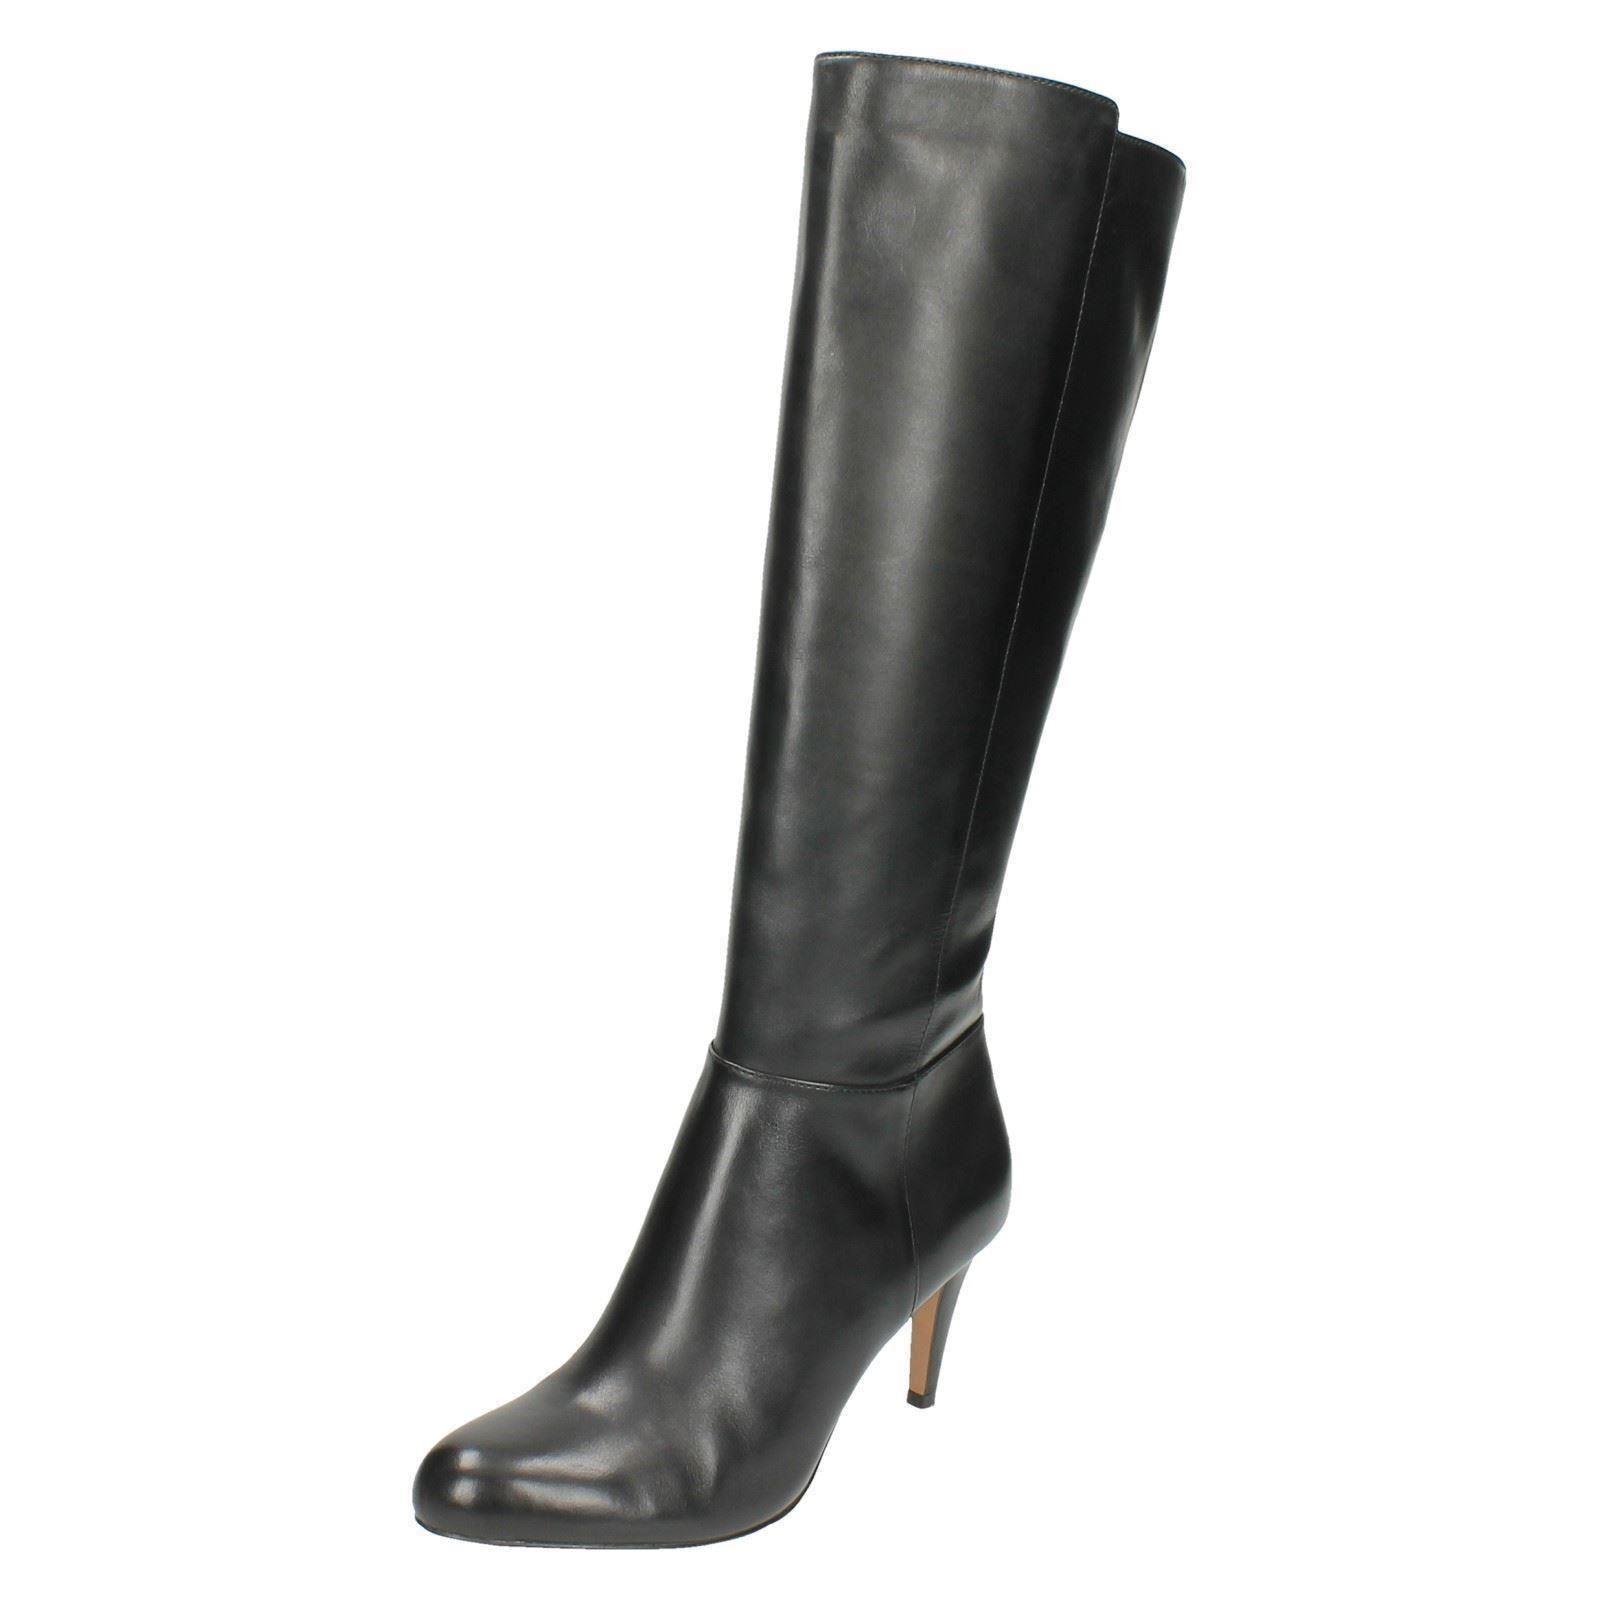 Grandes zapatos con descuento Mujer Clarks Cuero Con Cremallera Tacón De Aguja Largo Hasta Rodilla